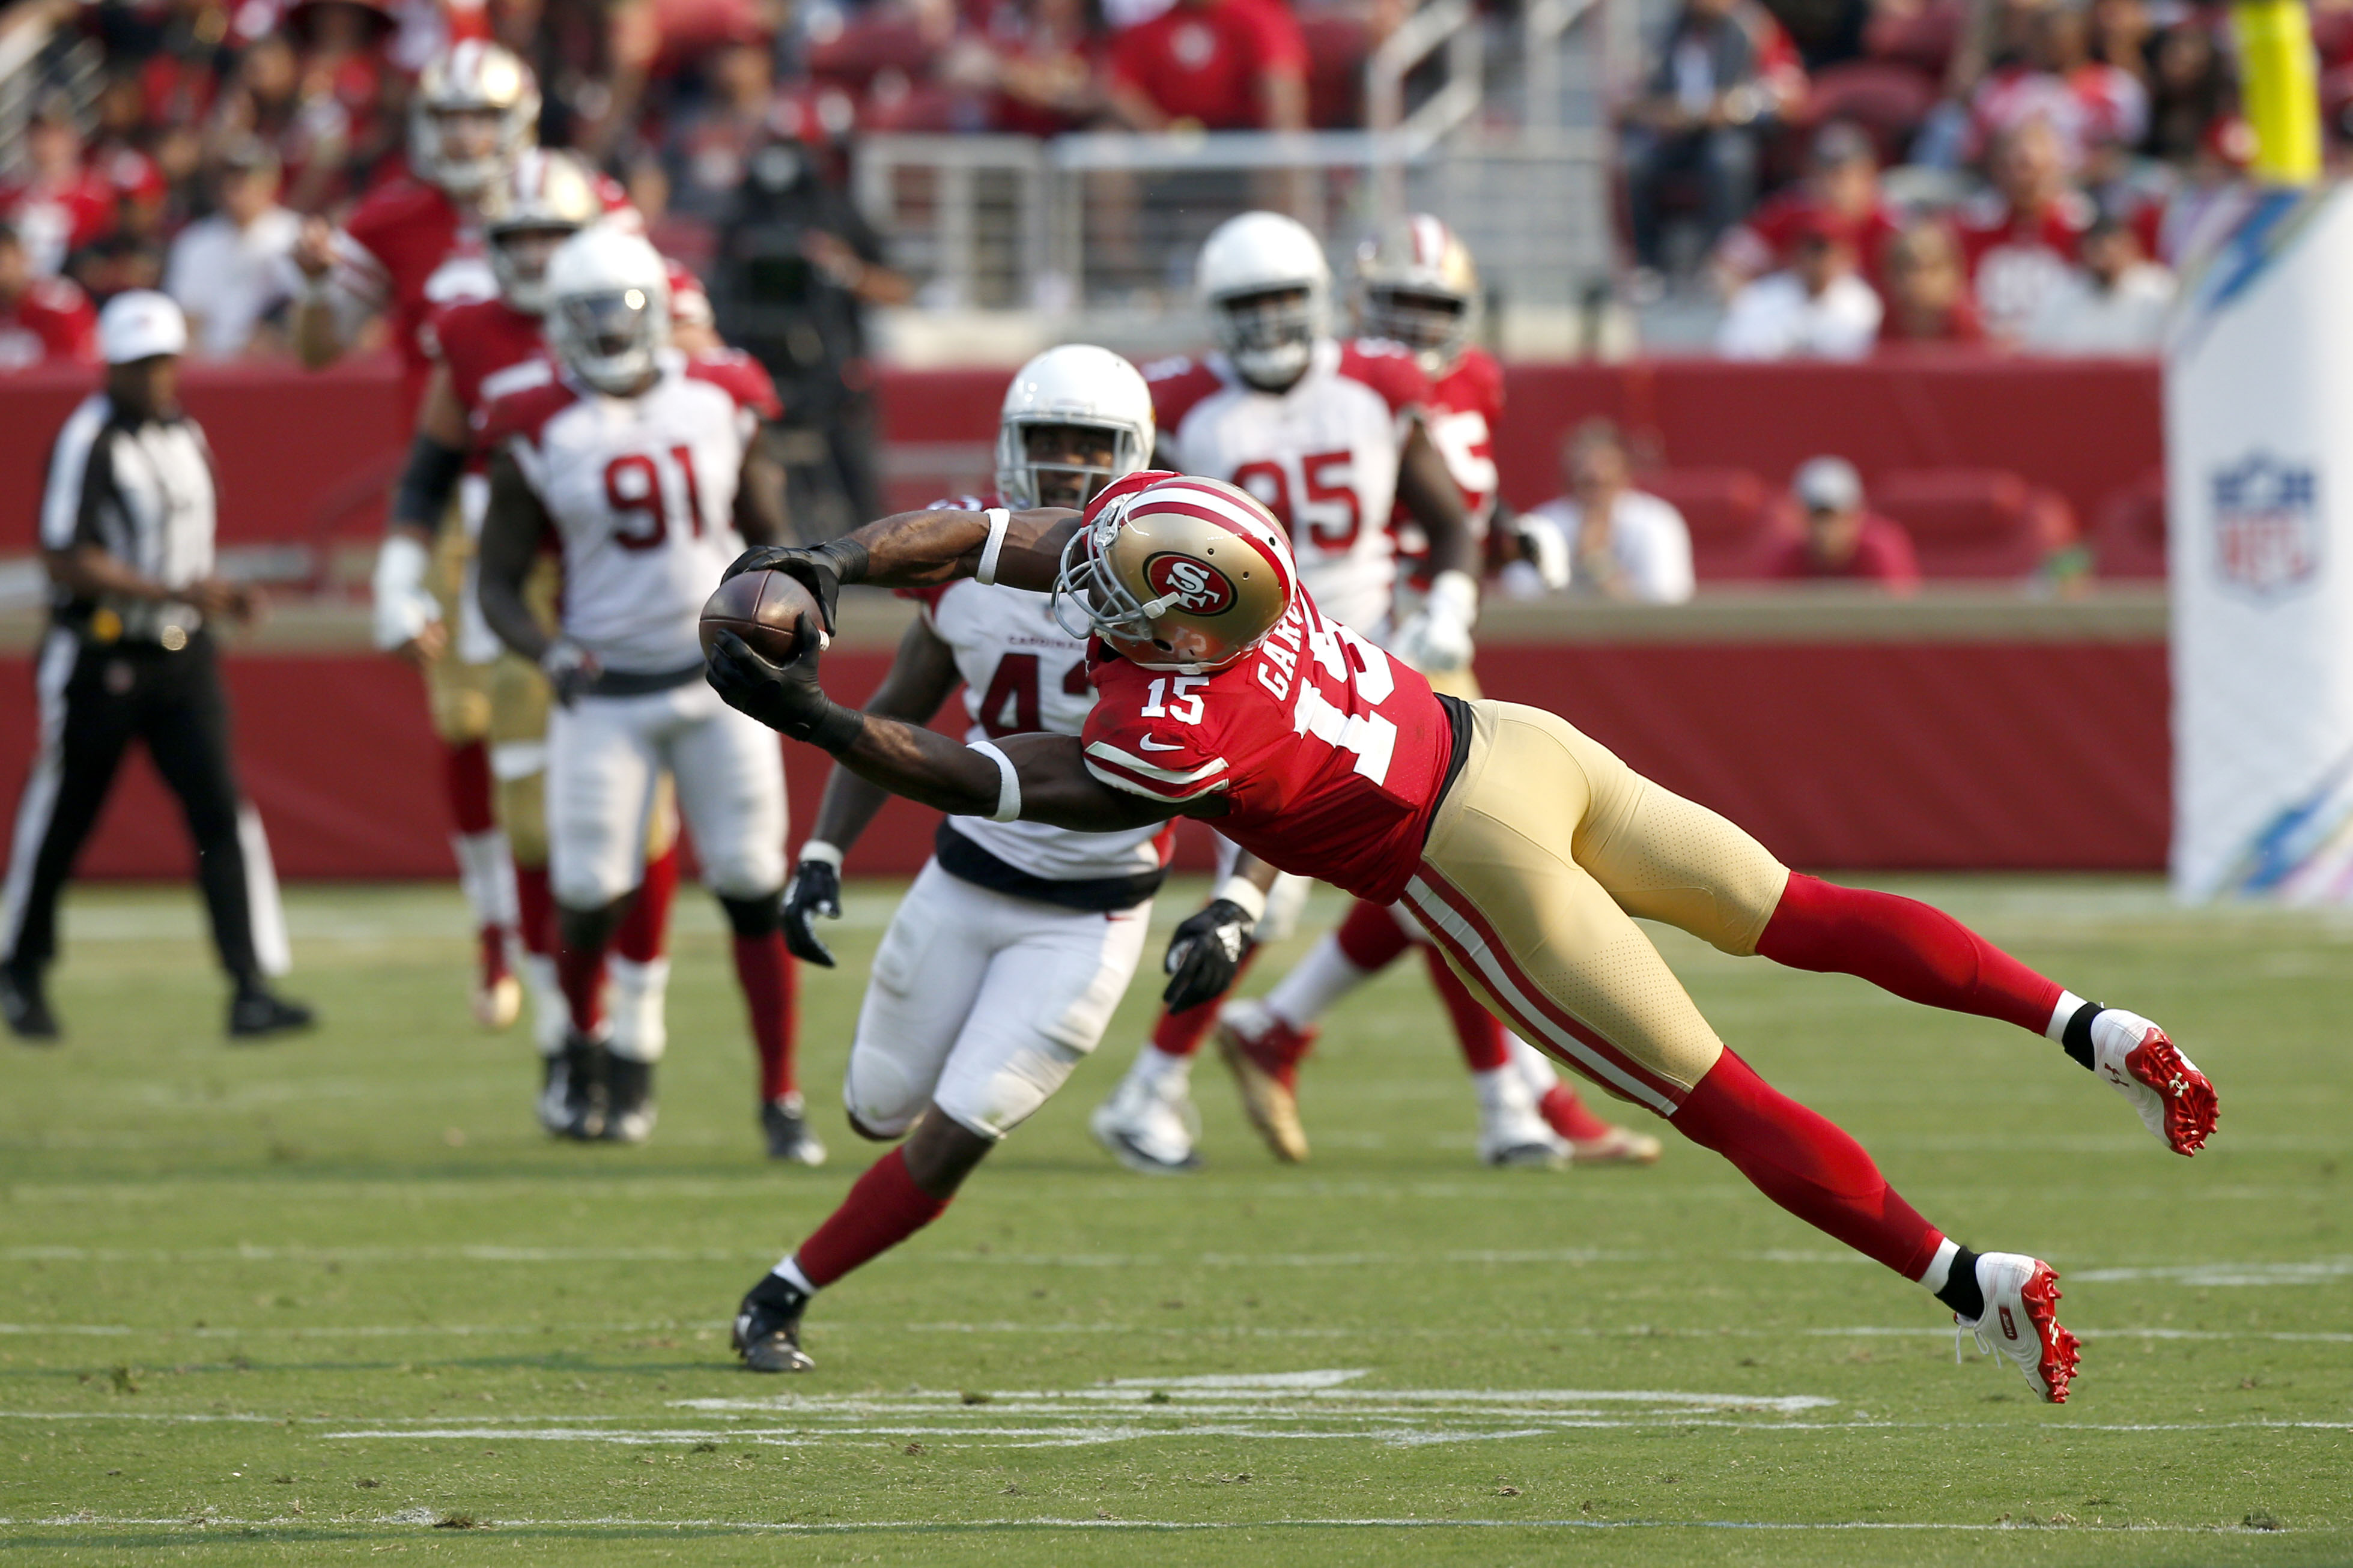 NFL: Arizona Cardinals at San Francisco 49ers